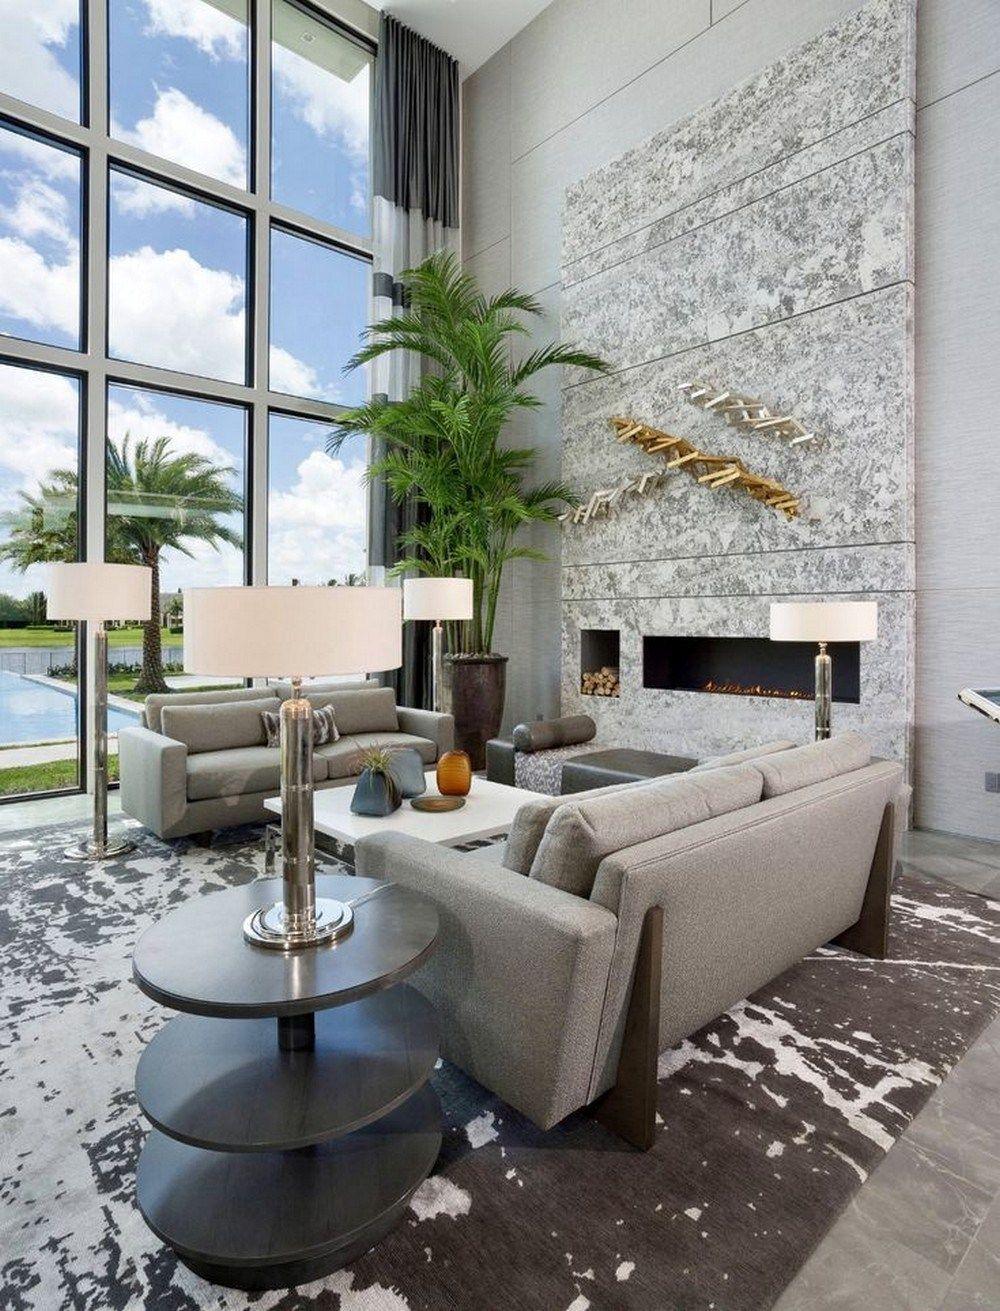 61 Best Modern House Design Interior Ideas For 2019 38 Luxury Living Room